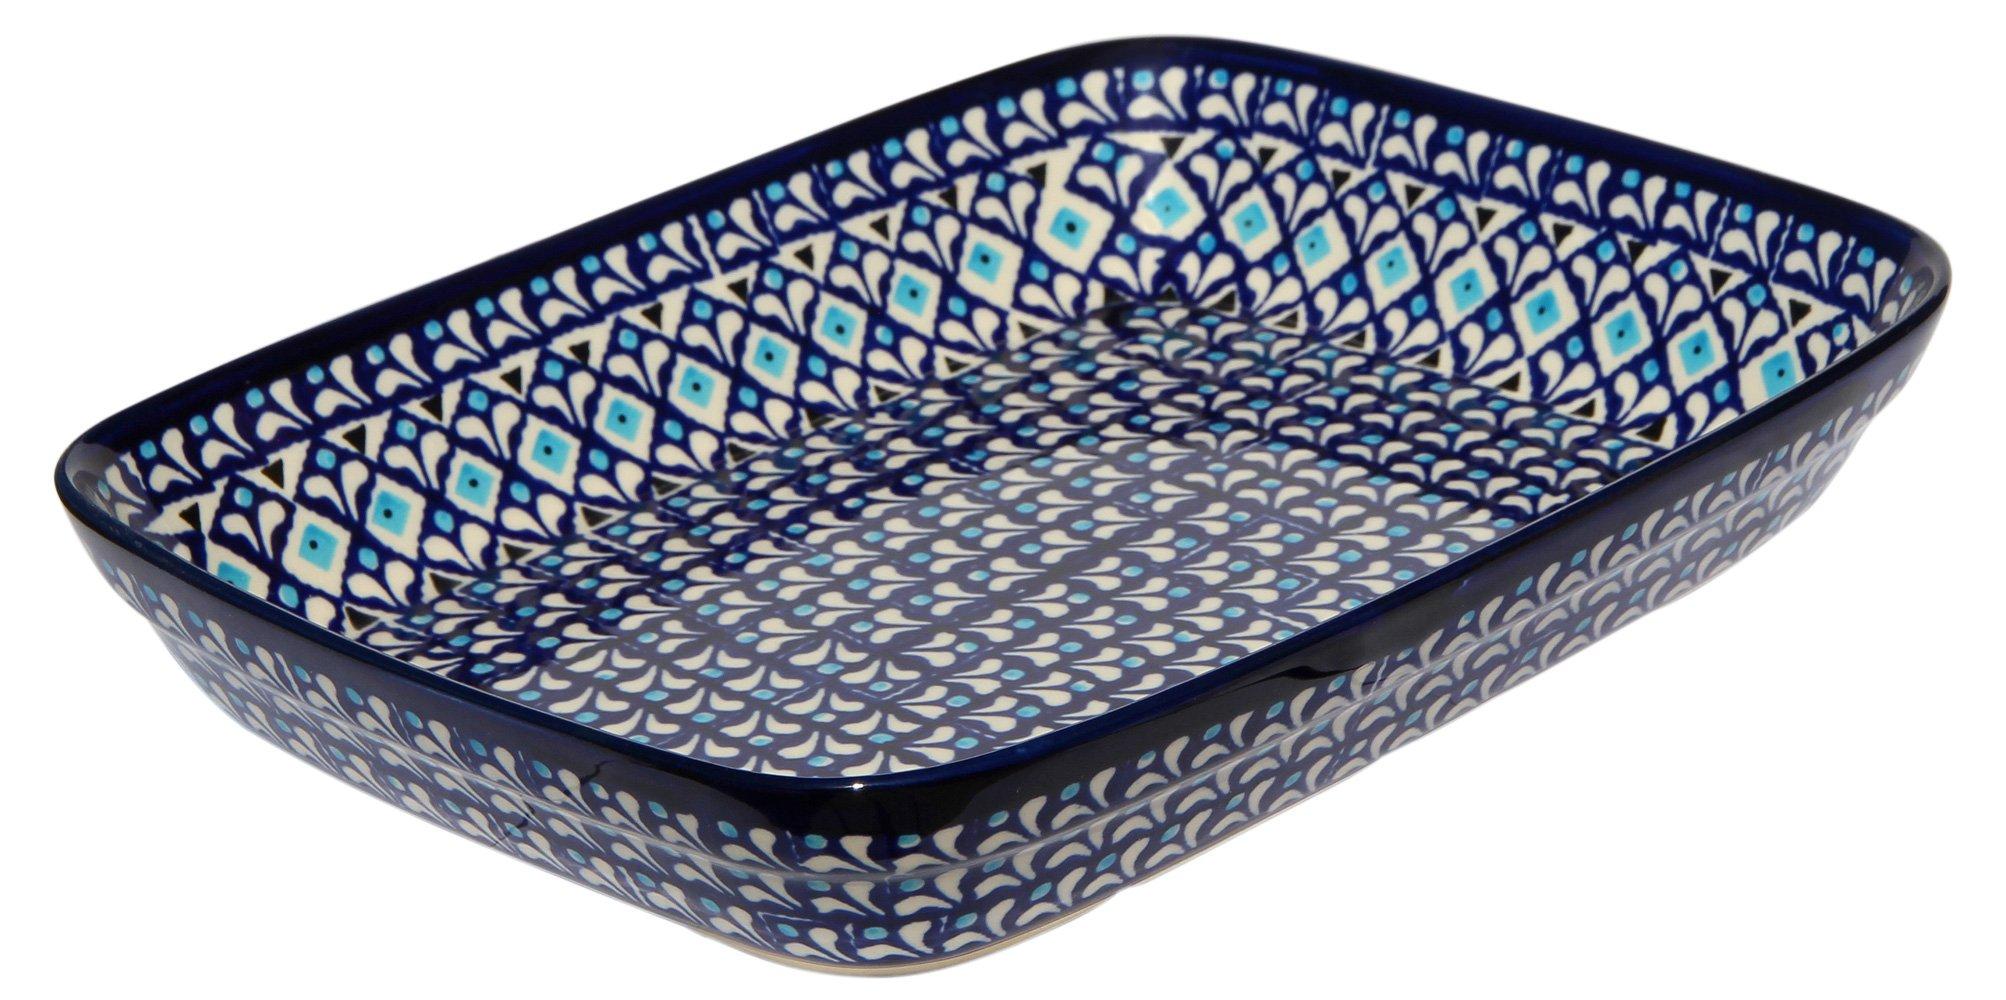 Polish Pottery Baking Dish 8 Inch X 10 Inch from Zaklady Ceramiczne Boleslawiec 370-217a Classic Pattern